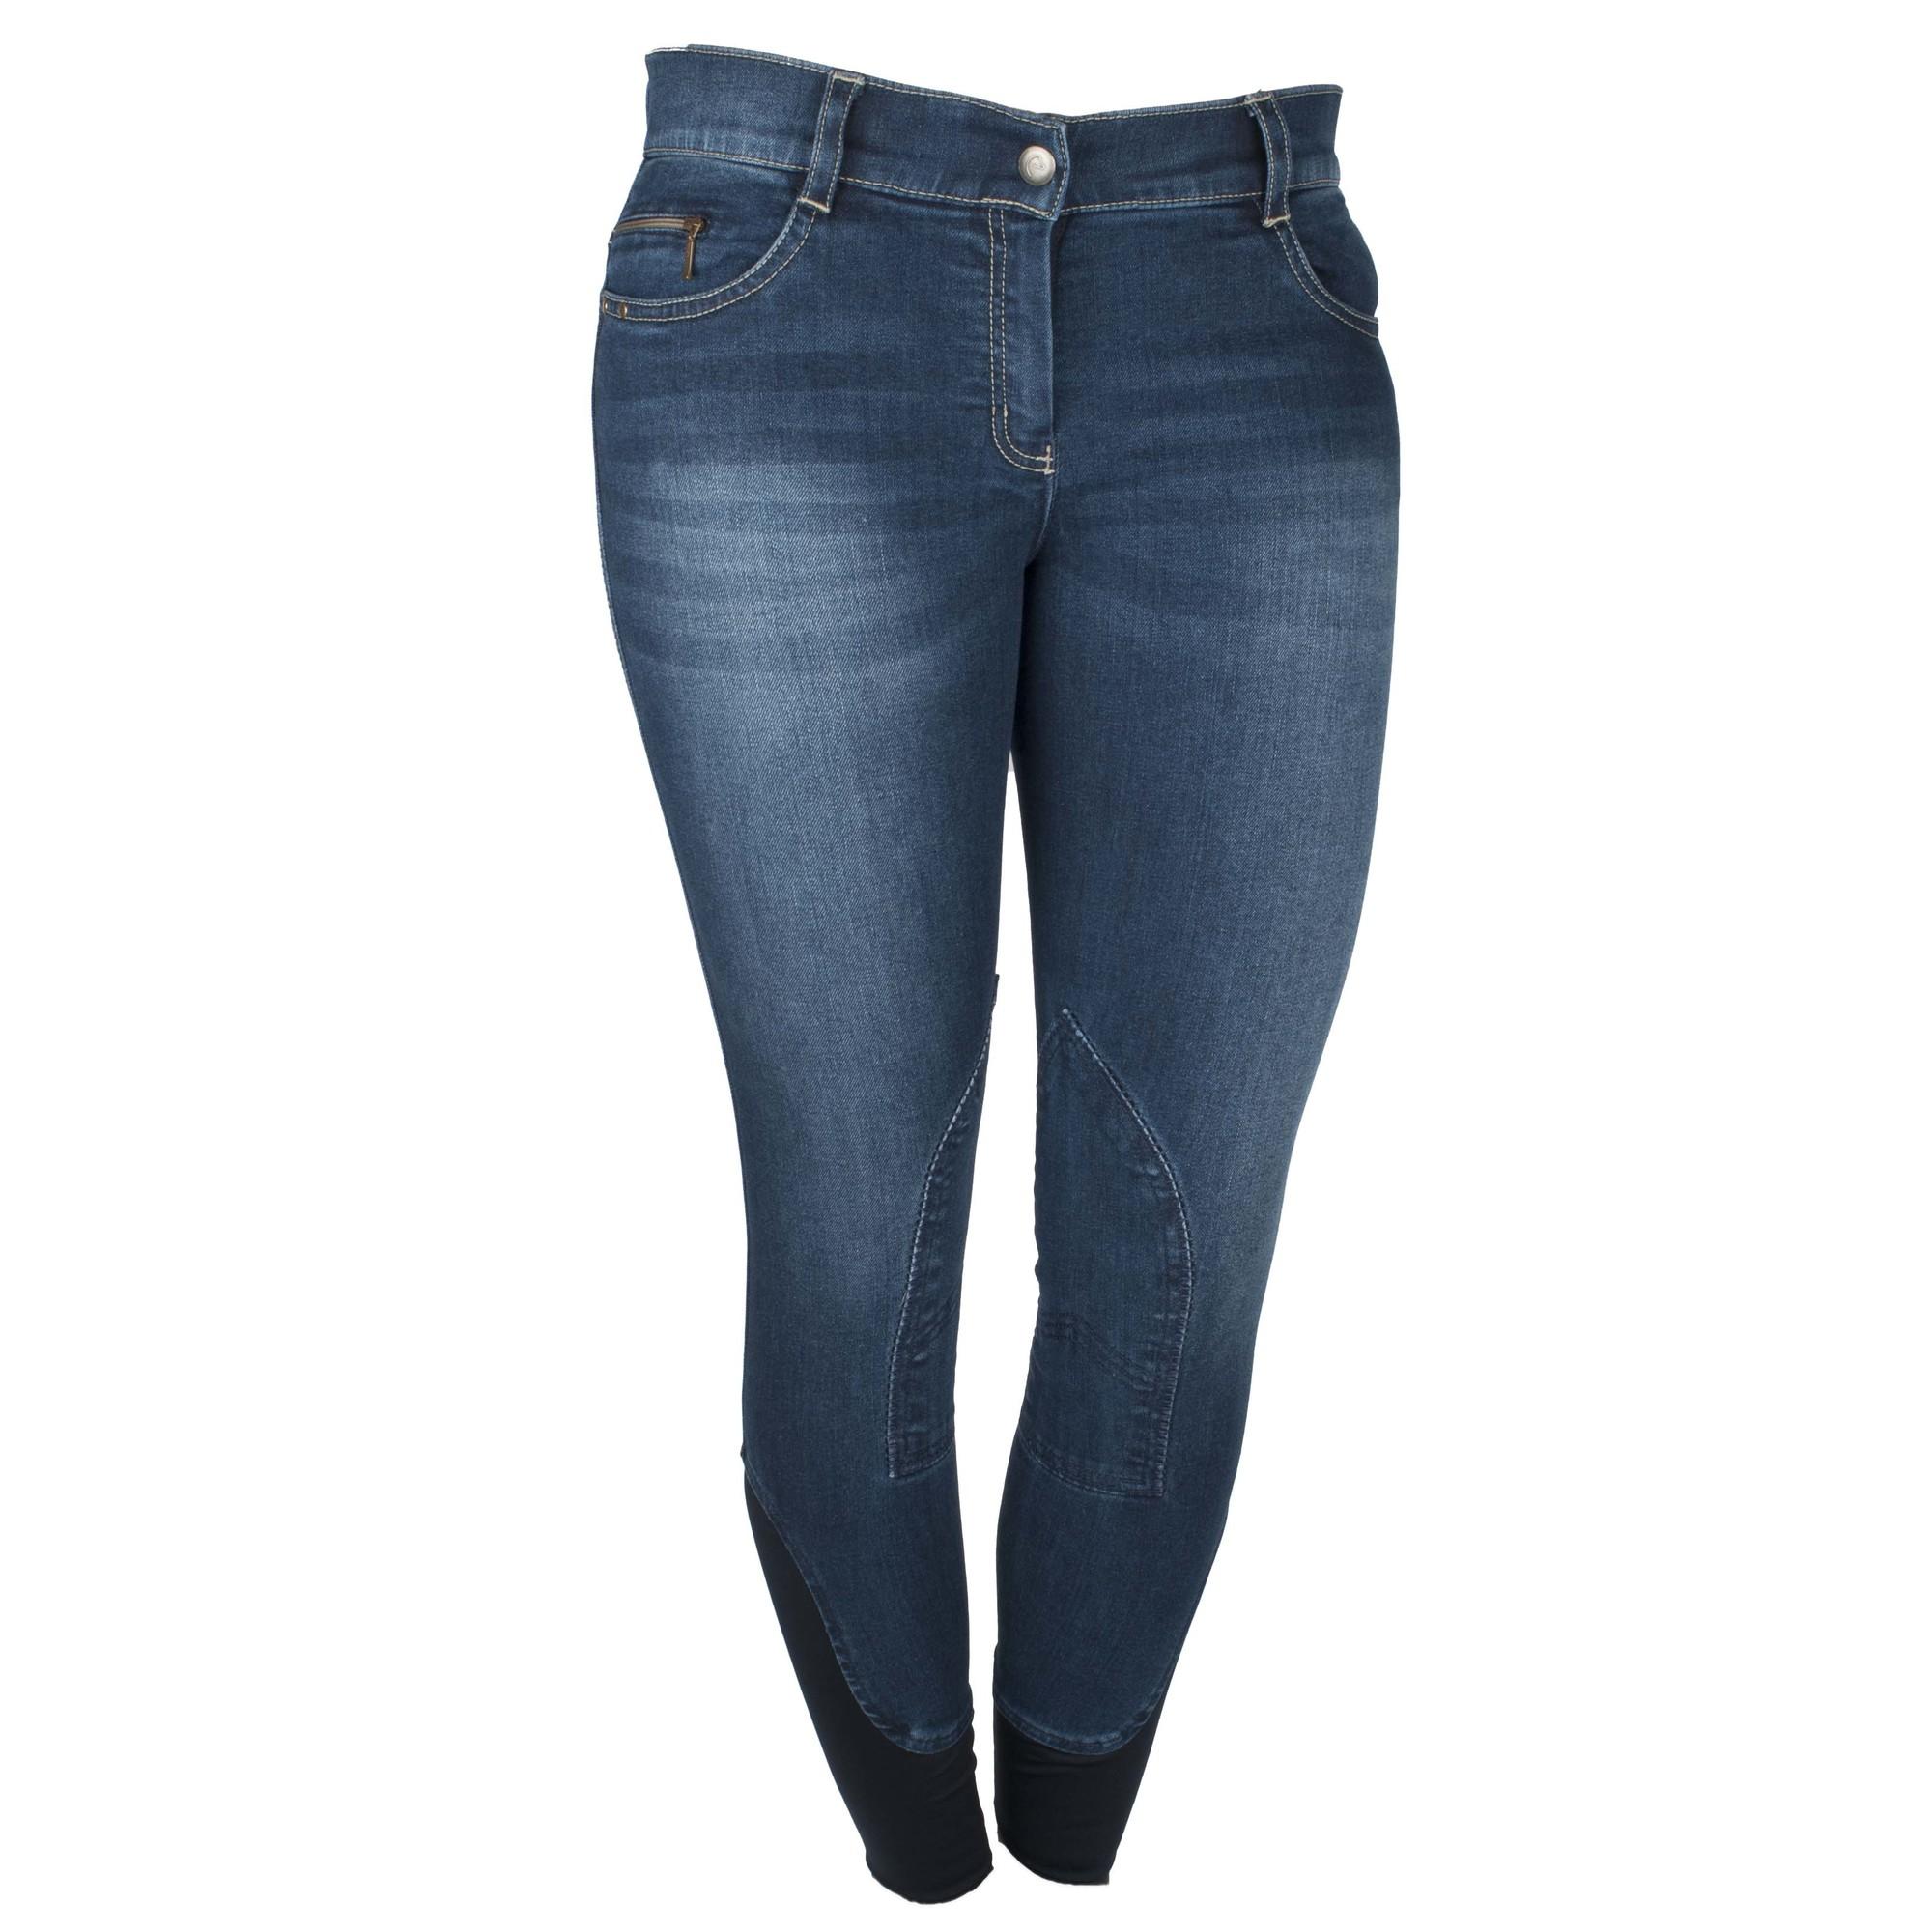 Equitheme Texas jeans rijbroek donkerblauw maat:36